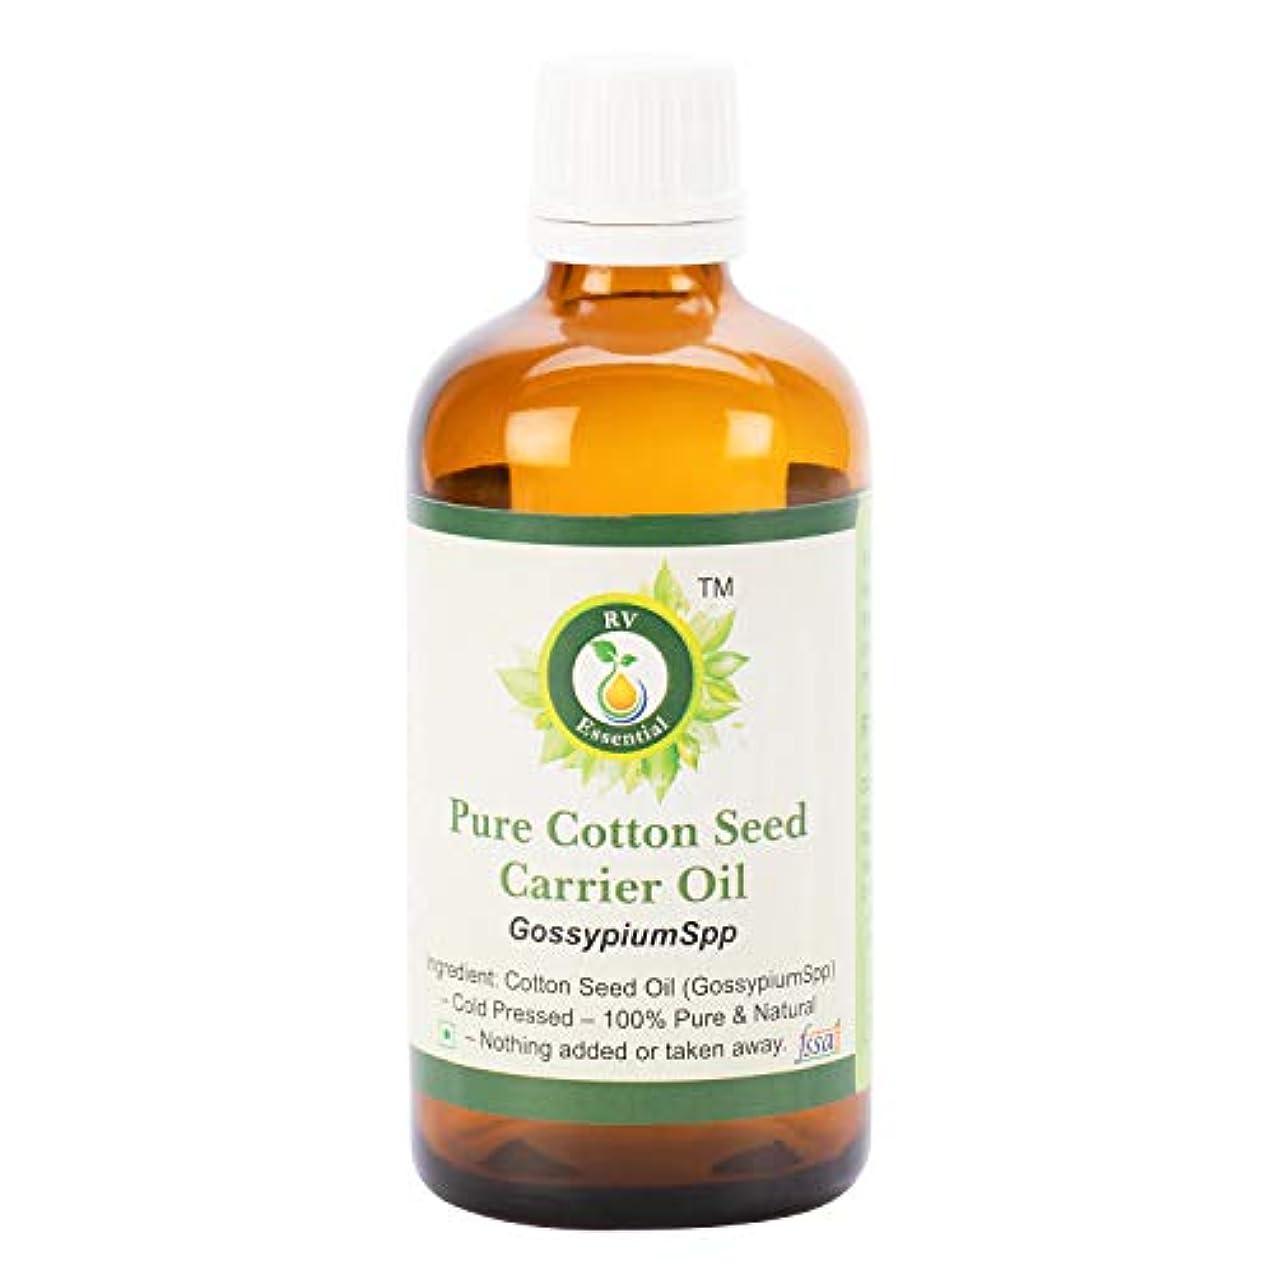 謎めいた幾分クックR V Essential 純粋な綿の種子キャリアオイル10ml (0.338oz)- Gossypium Spp (100%ピュア&ナチュラルコールドPressed) Pure Cotton Seed Carrier...